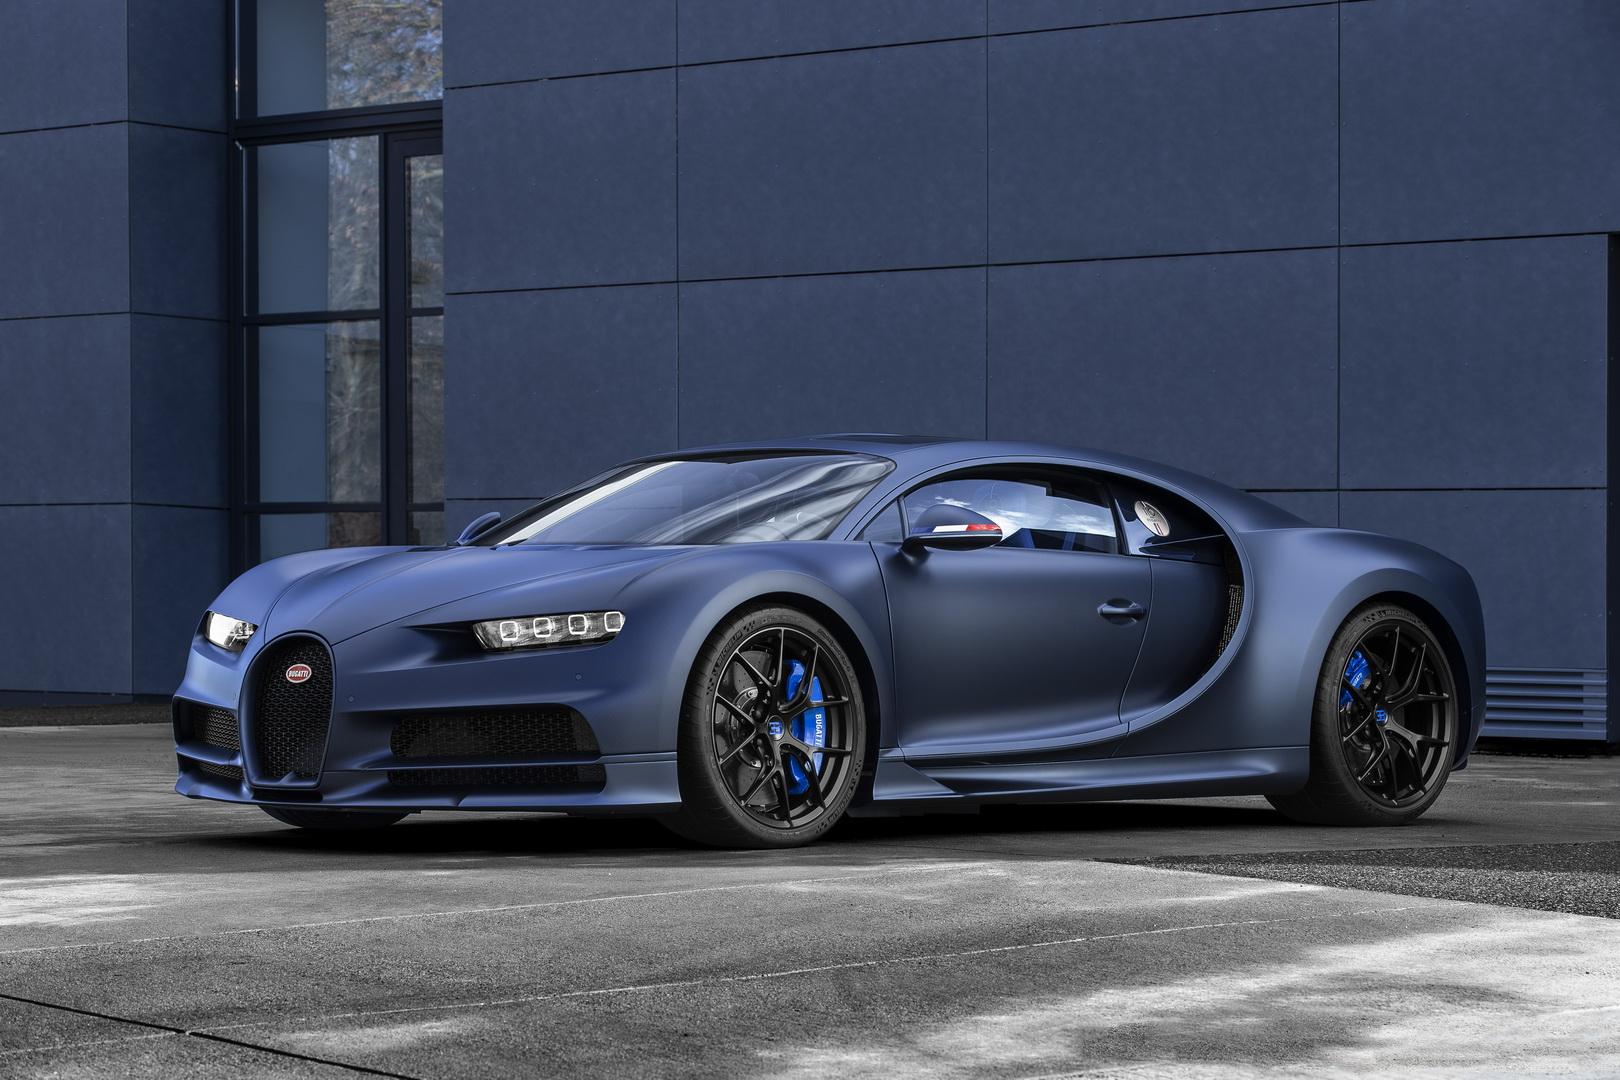 e354bdf2-2019-bugatti-chiron-sport-110-ans-edition-2